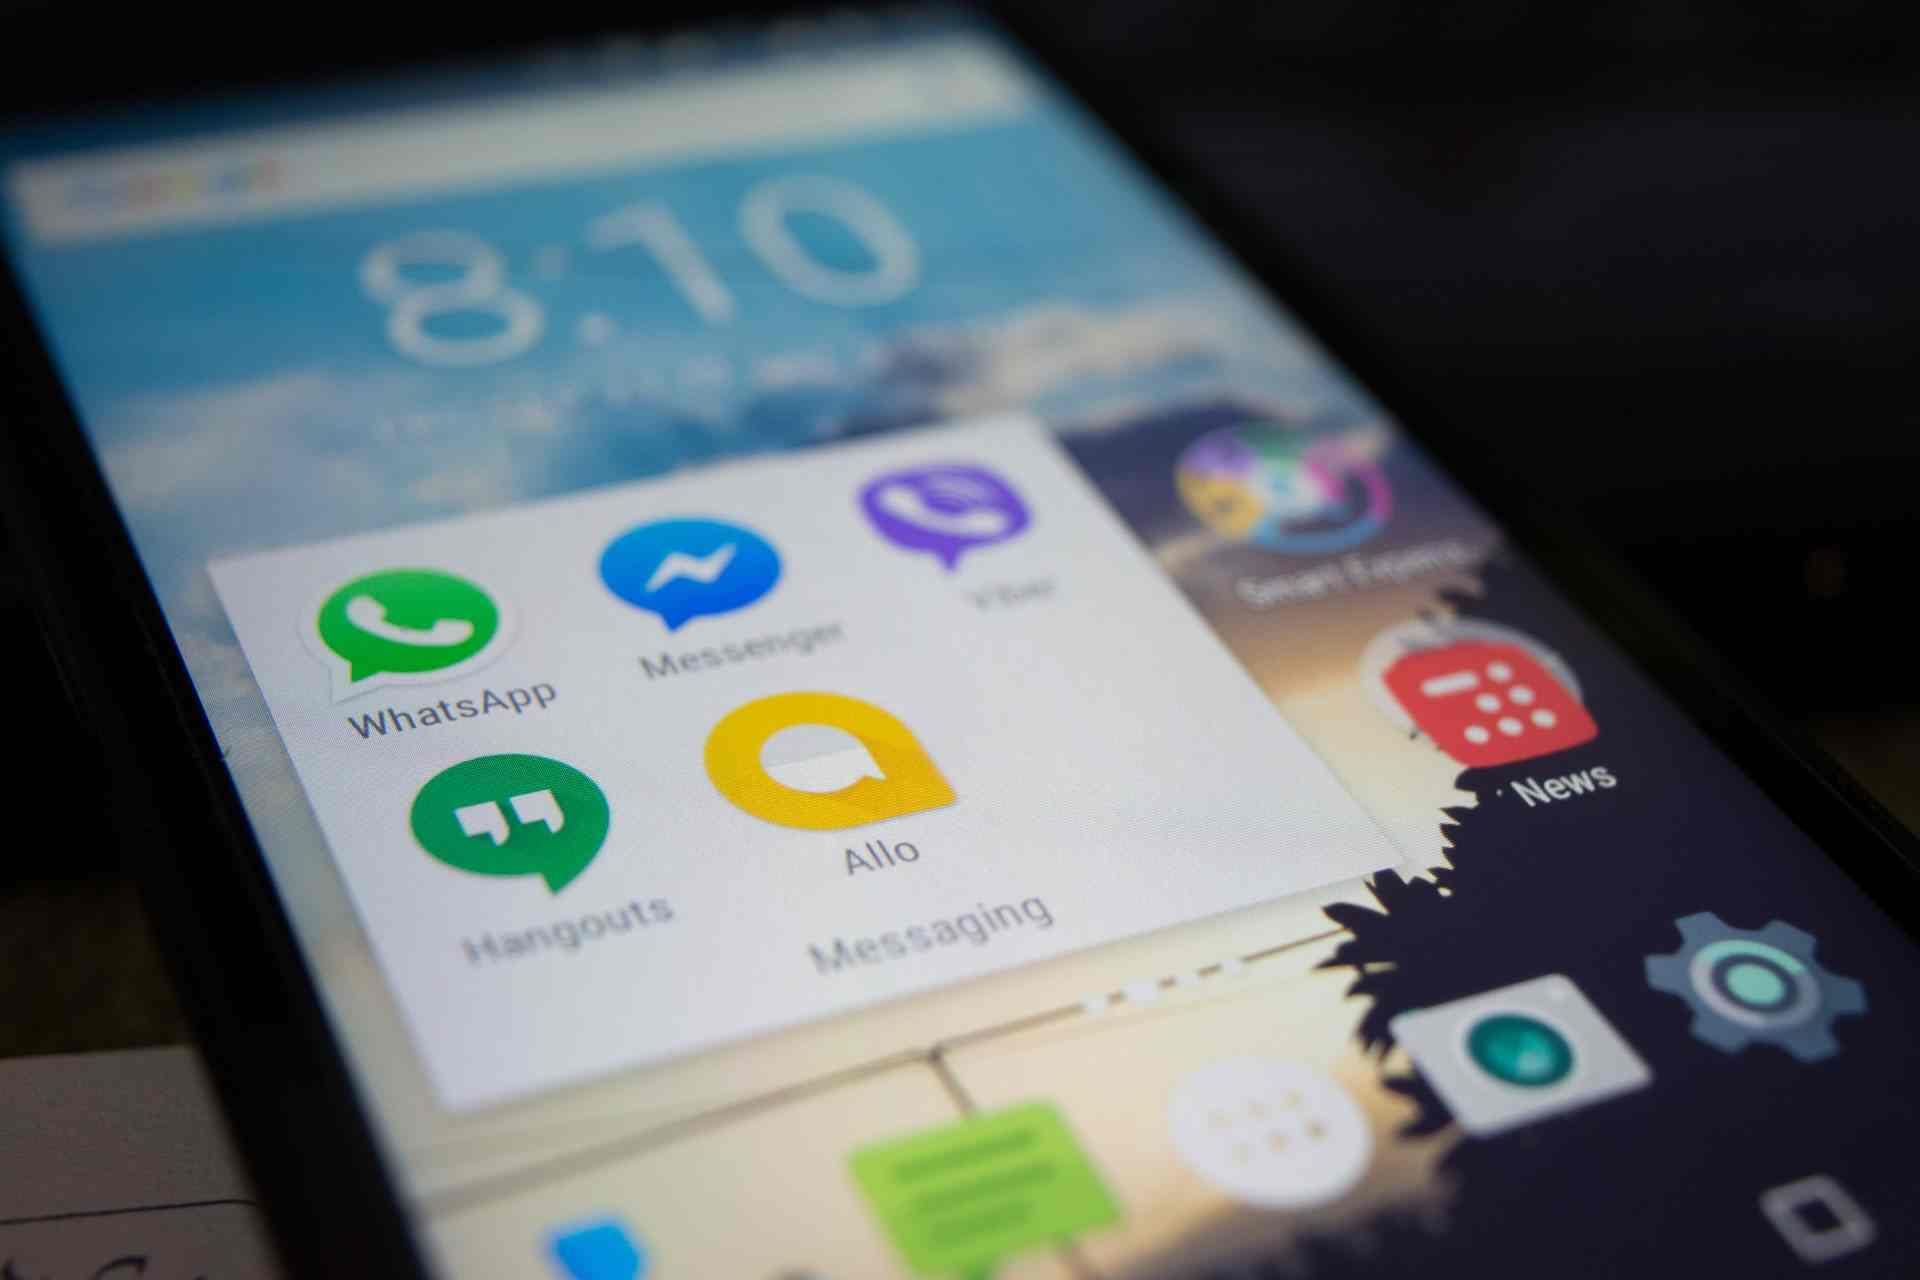 Cinco recursos do WhatsApp que você deveria saber